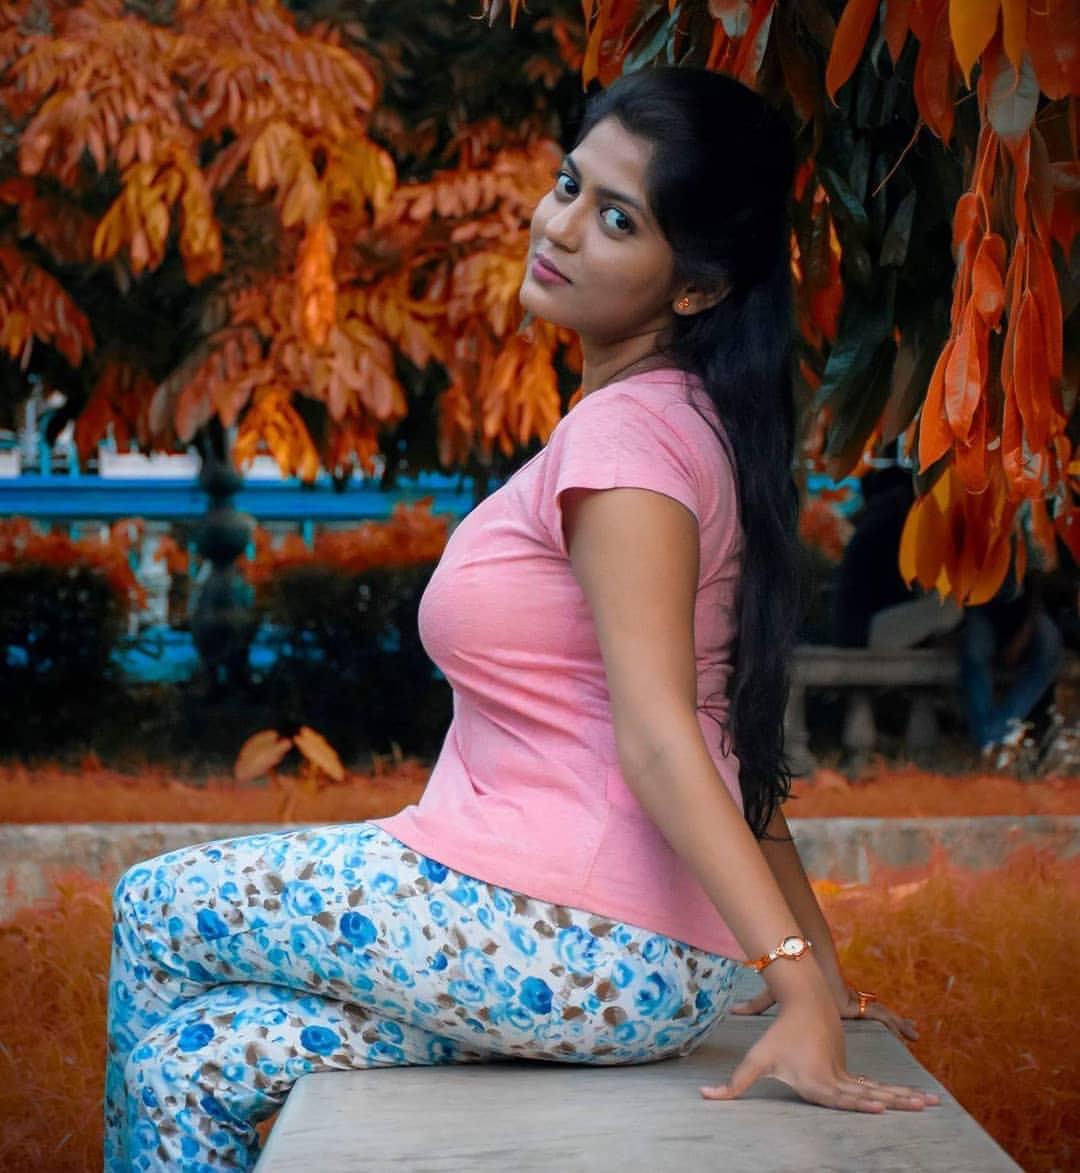 Kolkata escorts, kolkata call girls service with real photo for real person